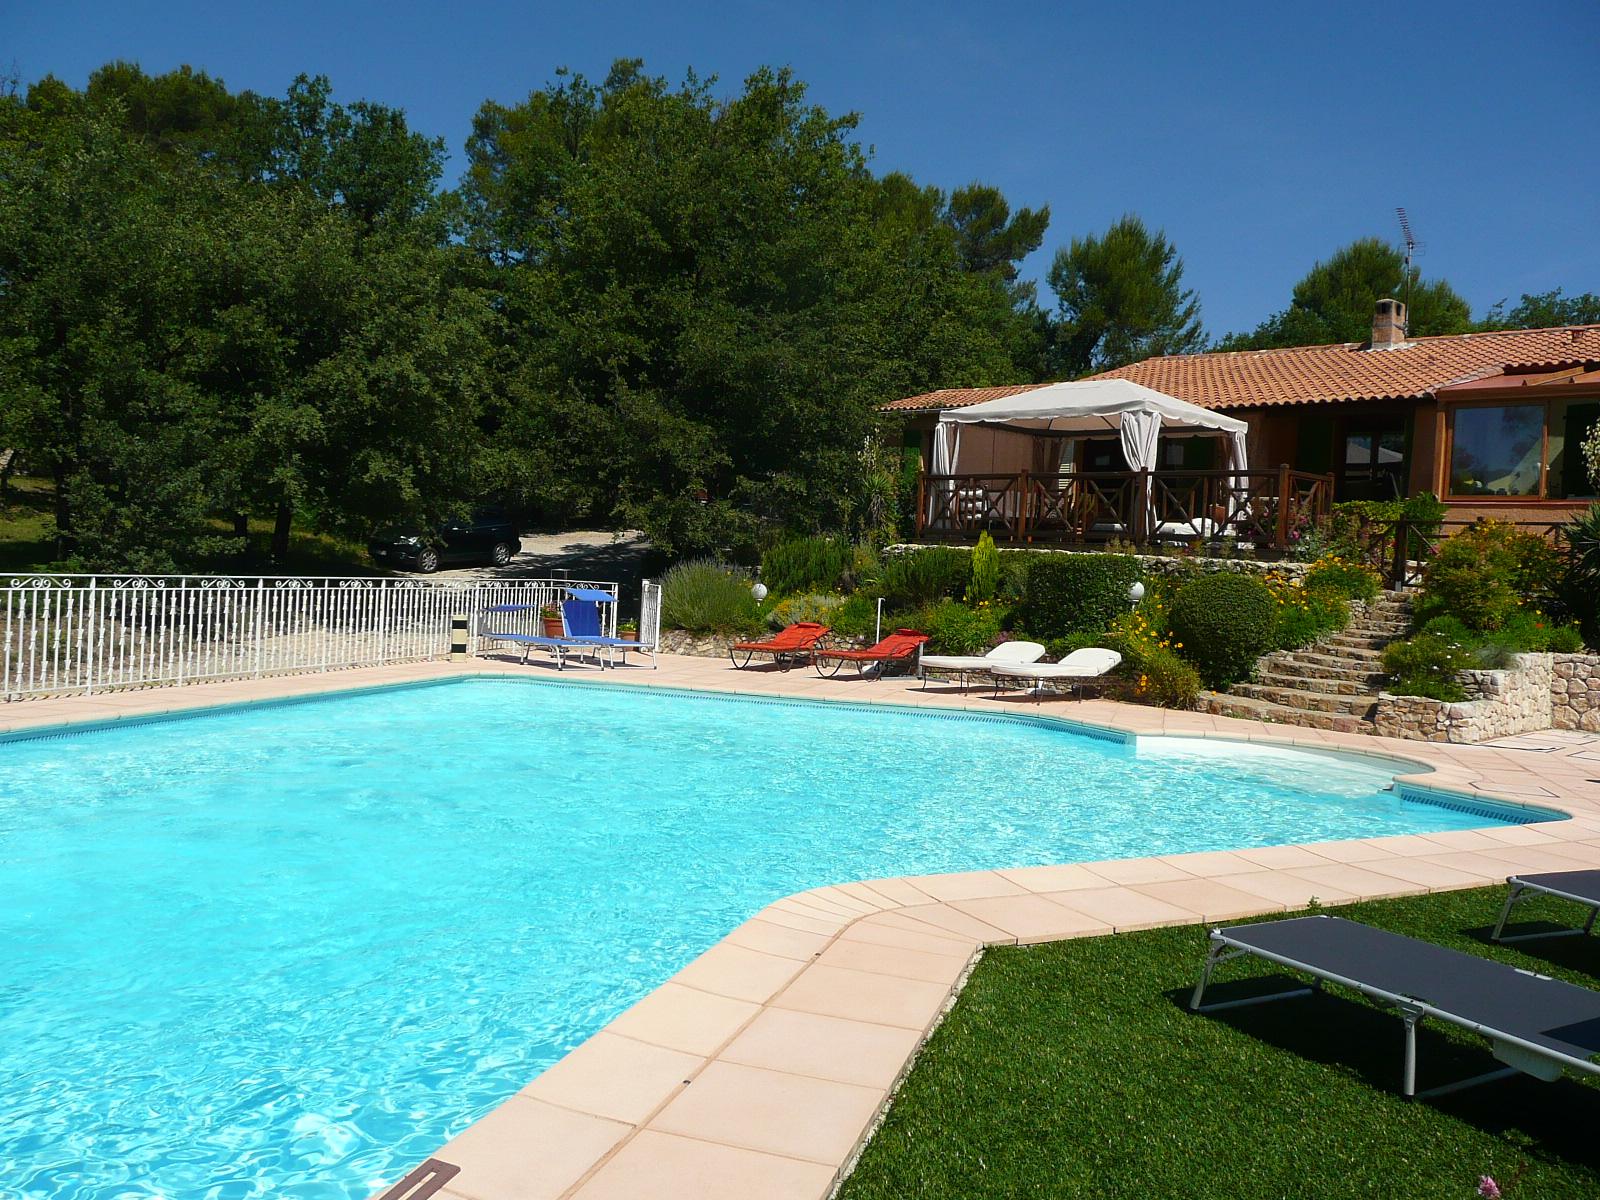 Bandb chambre d 39 h tes piscine chauff e jacuzzi entre aix en provence et cassis t l - Chambre d hotes salon de provence ...